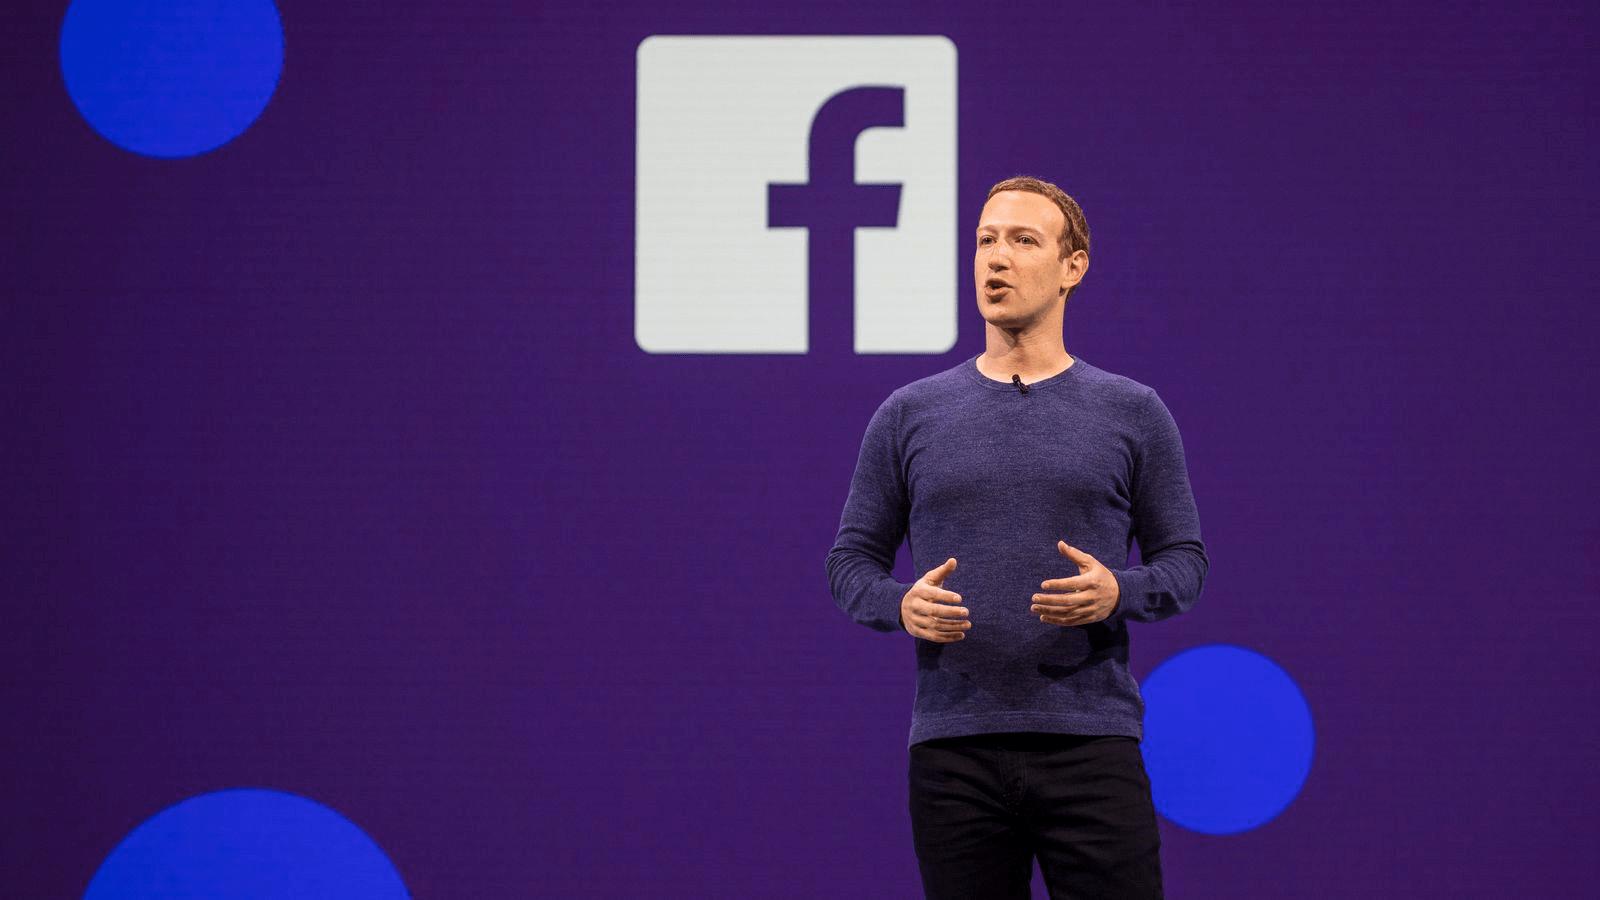 Dueño de Facebook dando una conferencia